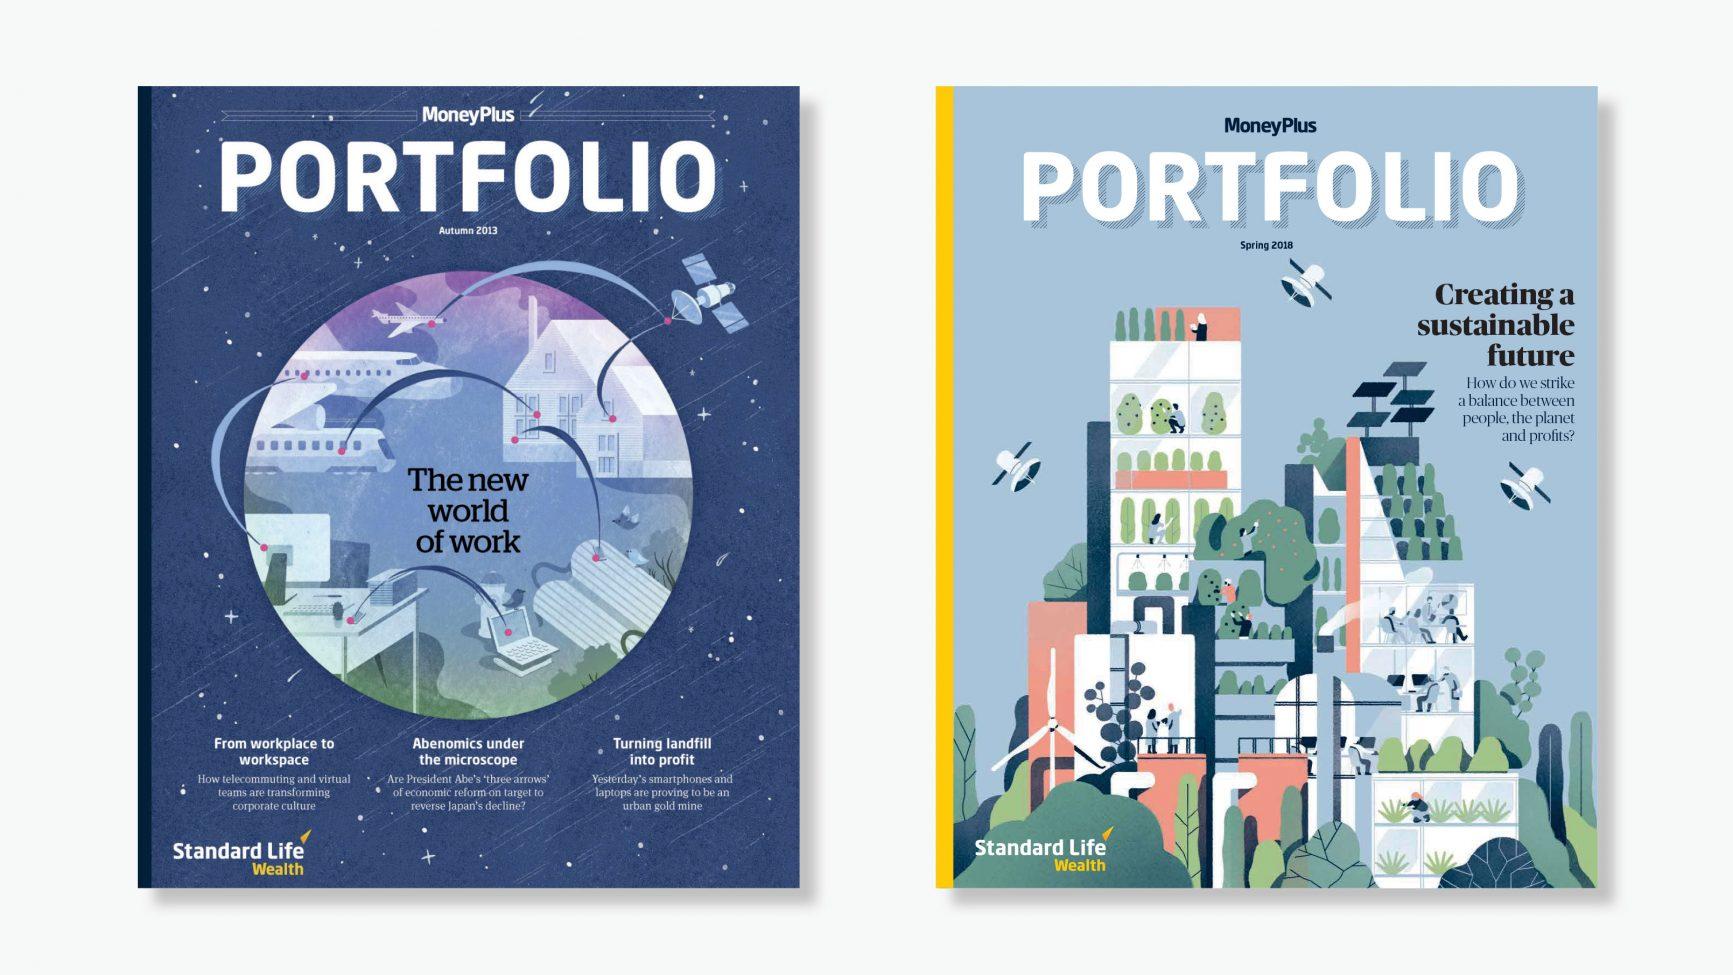 moneyplus portfolio magazine 2013 2018 gracia lam